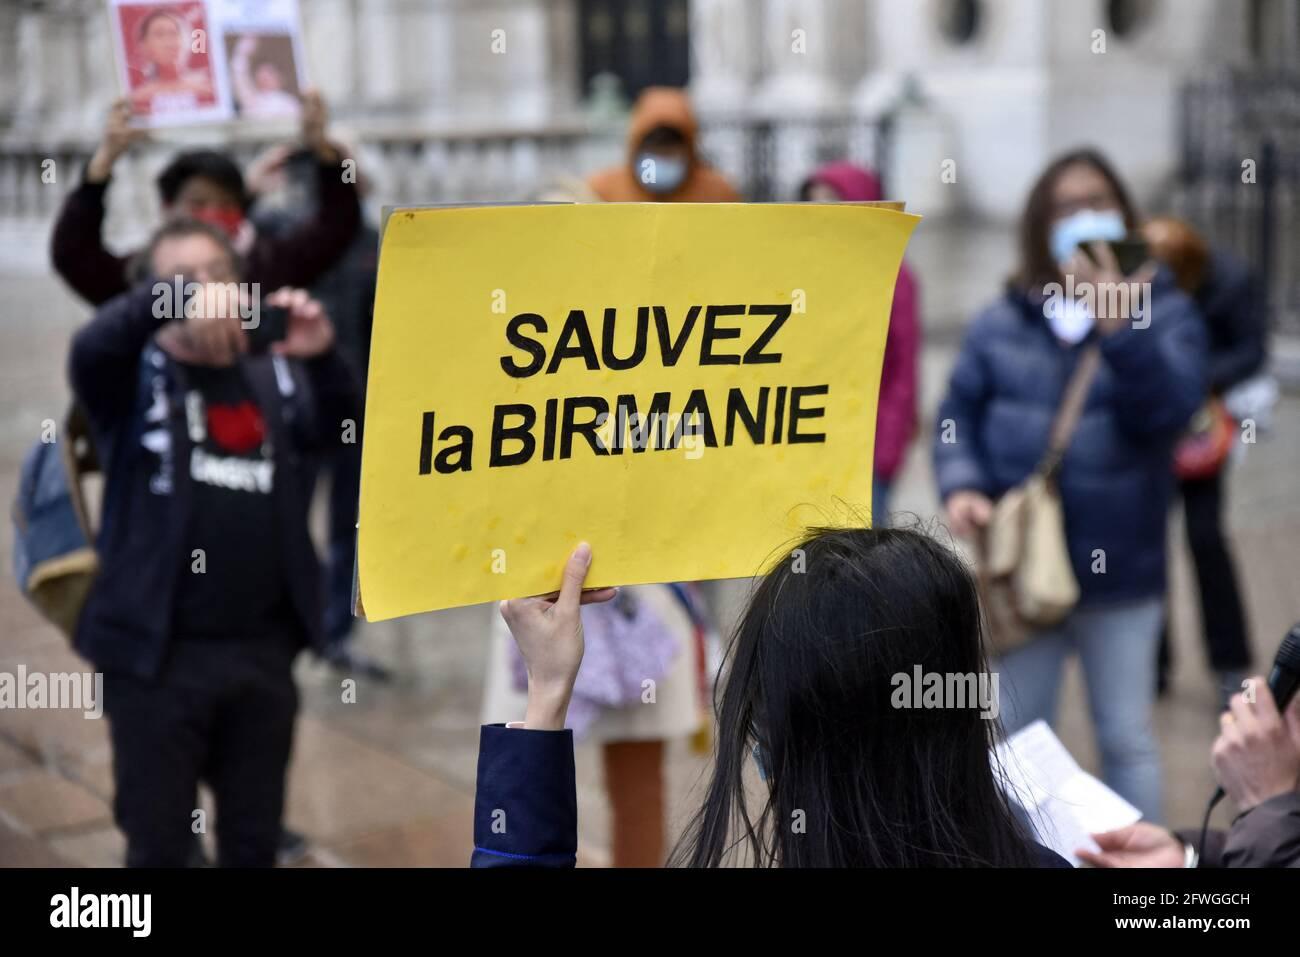 Kundgebung für eine Demokratie in Myanmar und gegen den Militärputsch am 22. Mai 2021 im Hôtel de Ville in Paris, Frankreich. Foto von Patrice Pierrot/Avenir Pictures/ABACAPRESS.COM Stockfoto